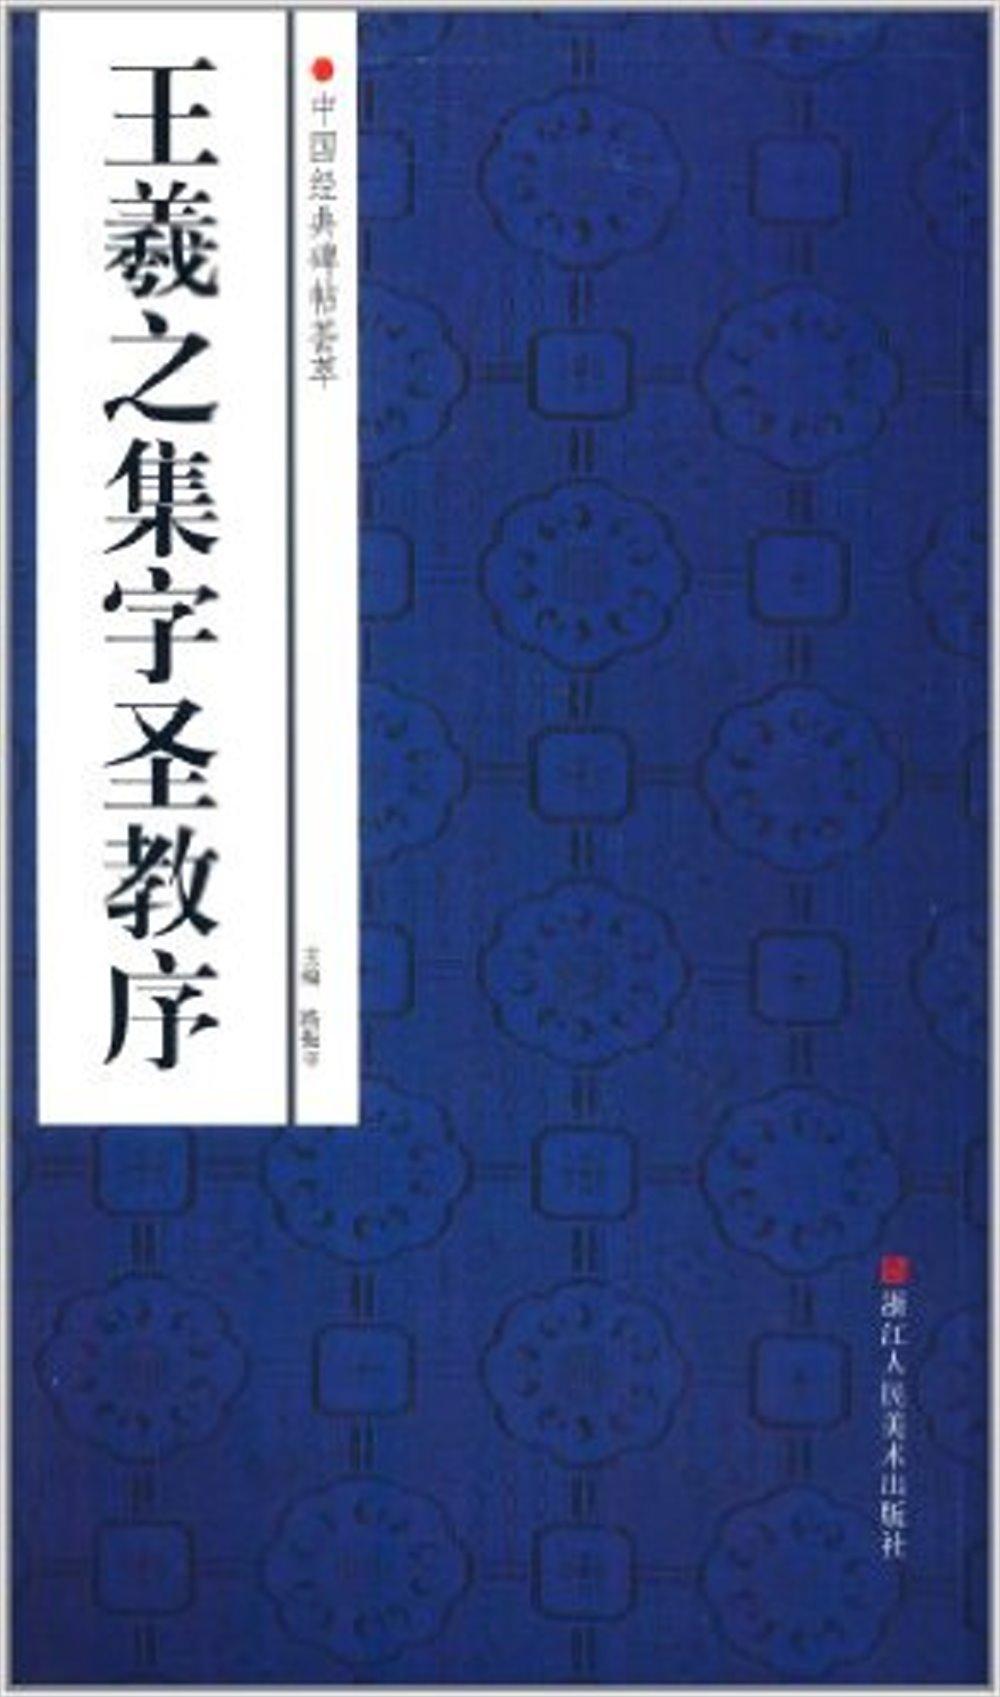 中國經典碑帖薈萃:王羲之集字聖教序